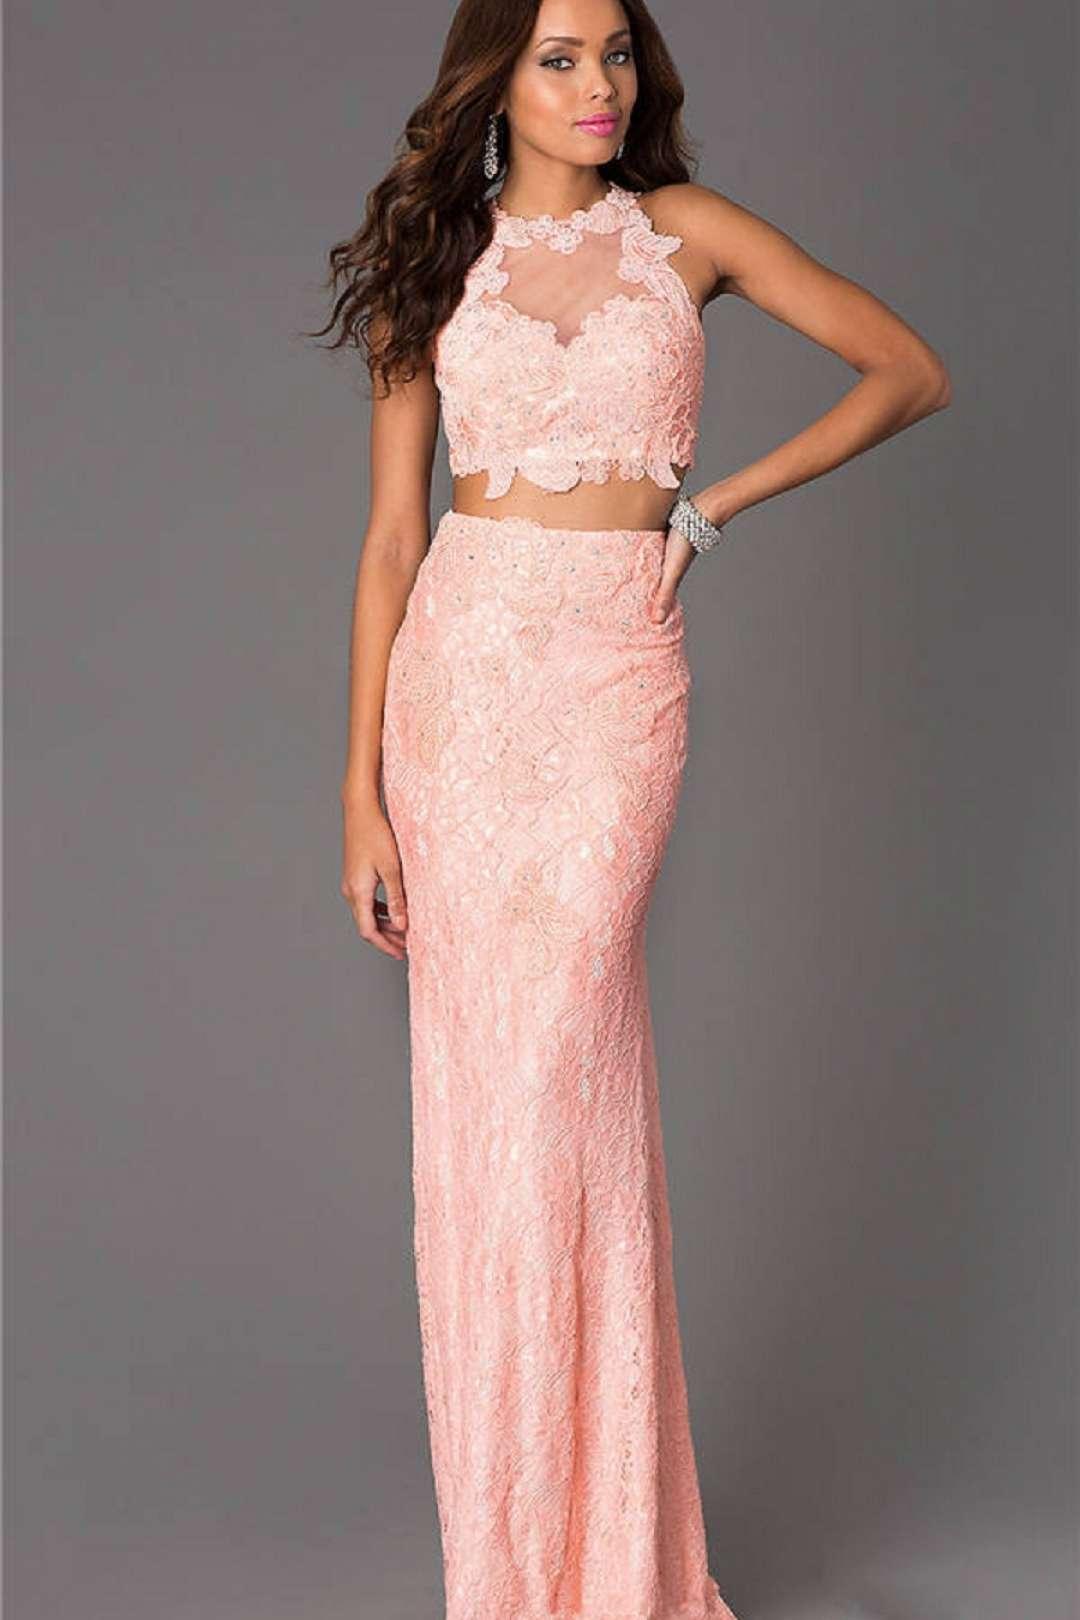 Asombroso Que Comprar Vestidos De Fiesta Modelo - Ideas de los ...